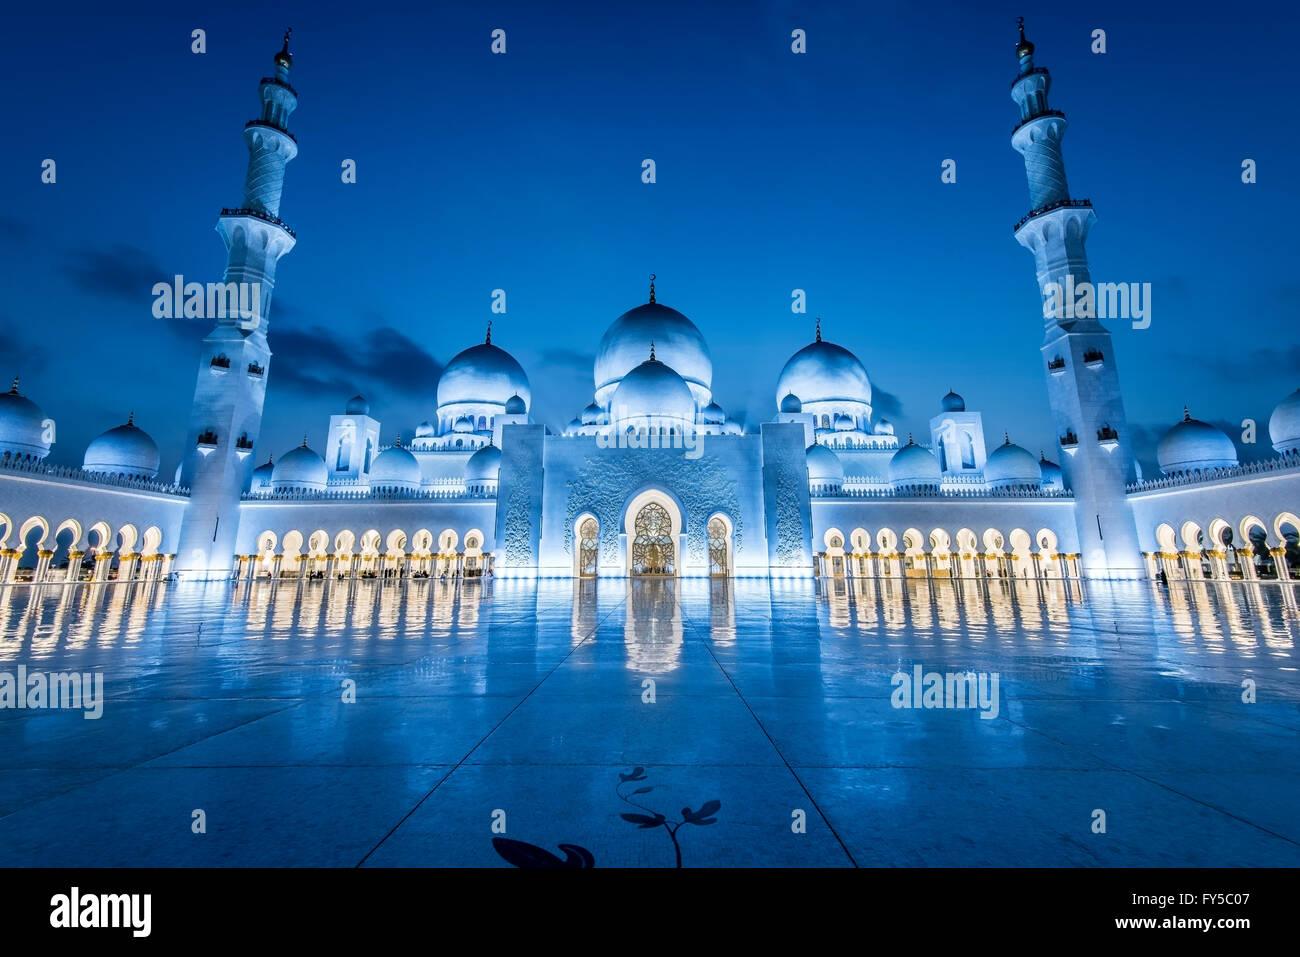 Gran Mezquita de Sheikh Zayed, Abu Dhabi, la mezquita más grande de los Emiratos Árabes Unidos Imagen De Stock